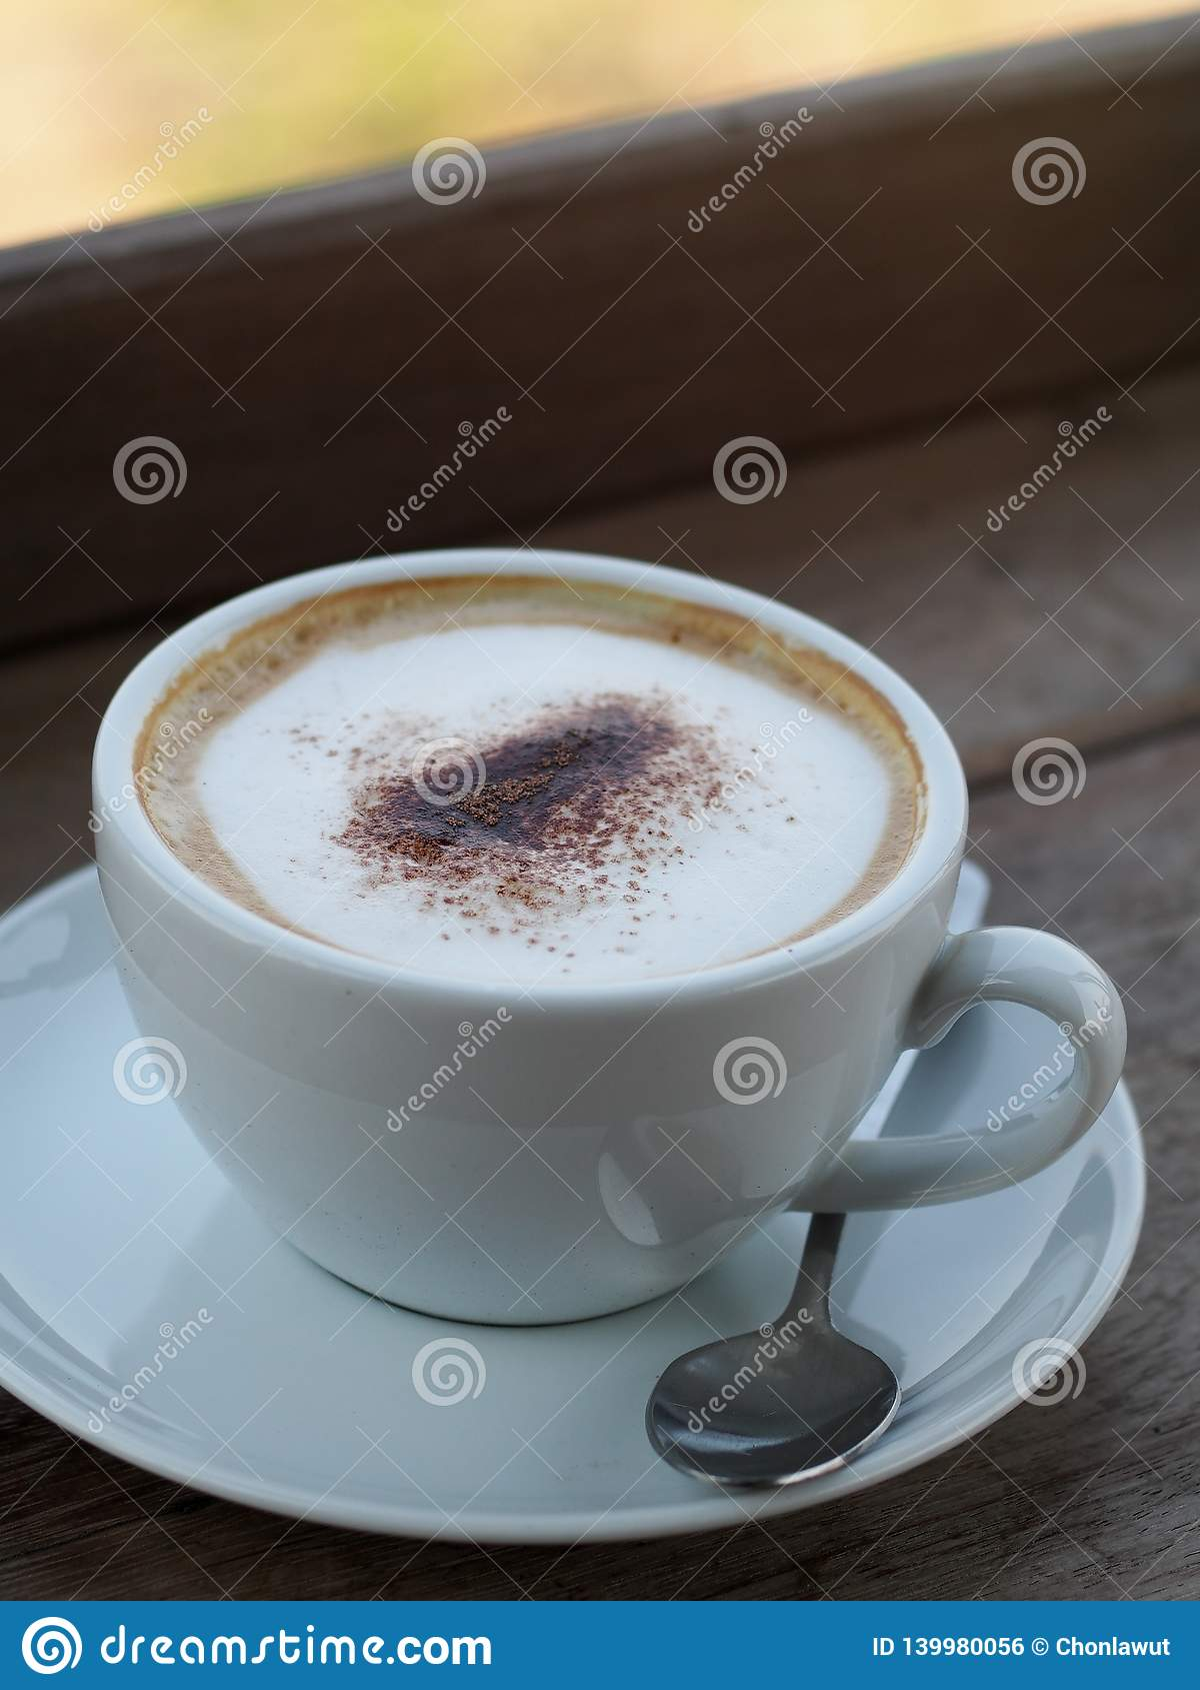 El capuchino caliente con la burbuja fina completa poner crema poco polvo de cacao sirvió en la taza de café de cerámica blanca